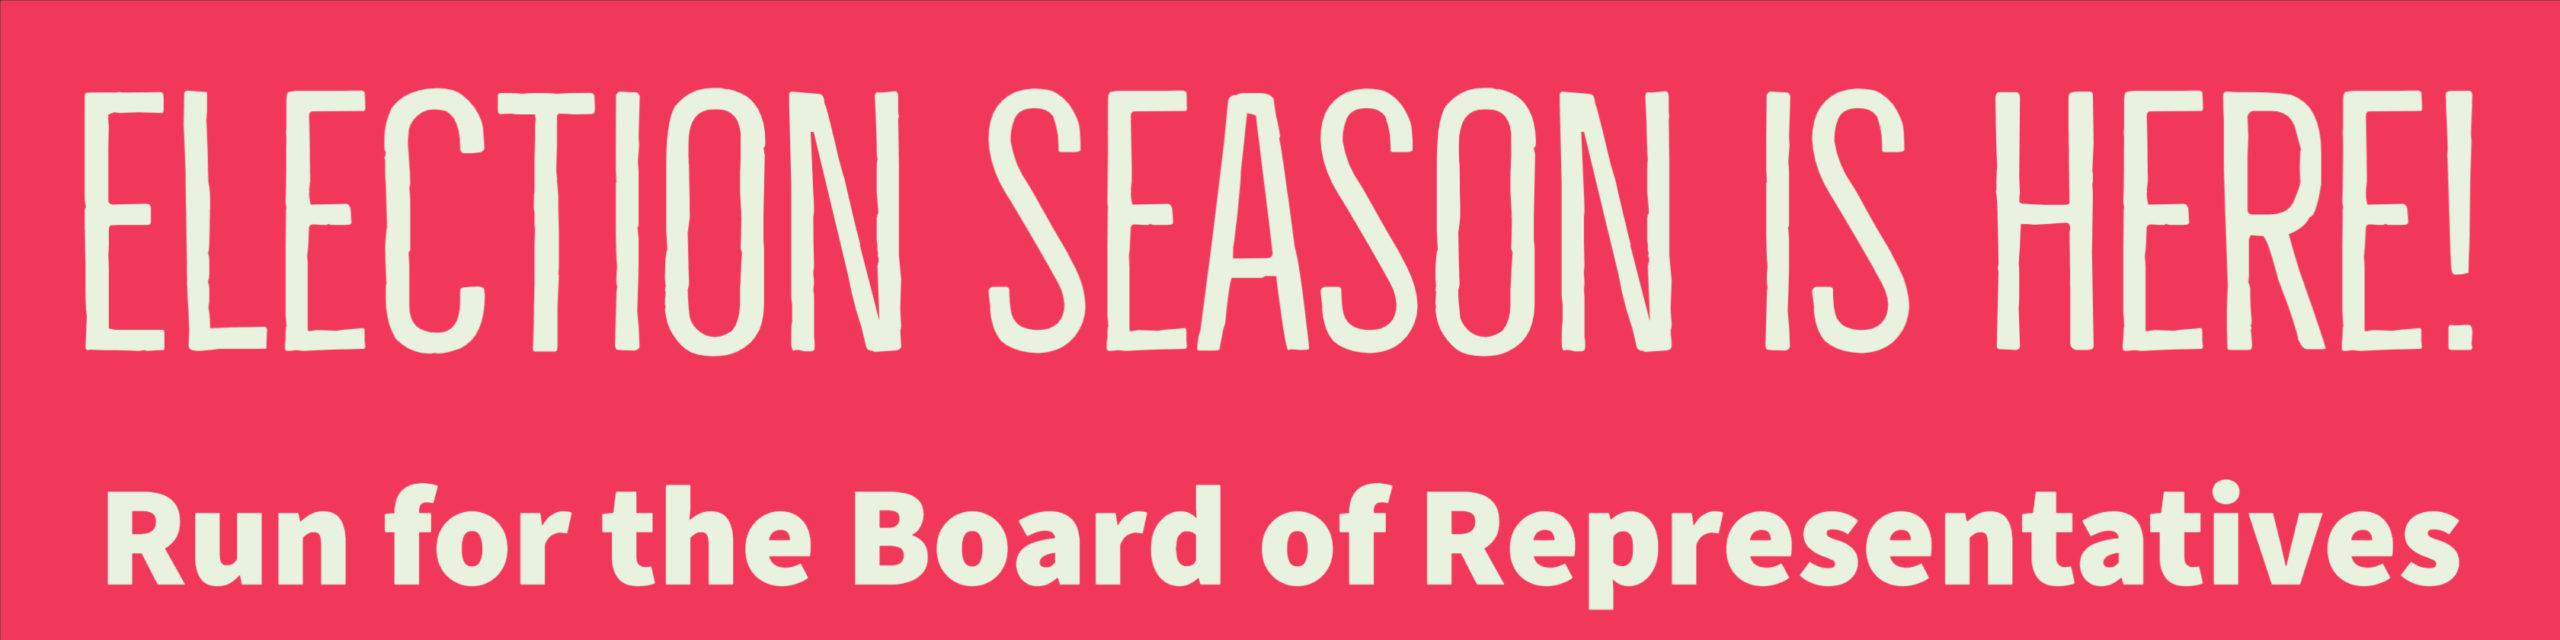 Co-op election season is here